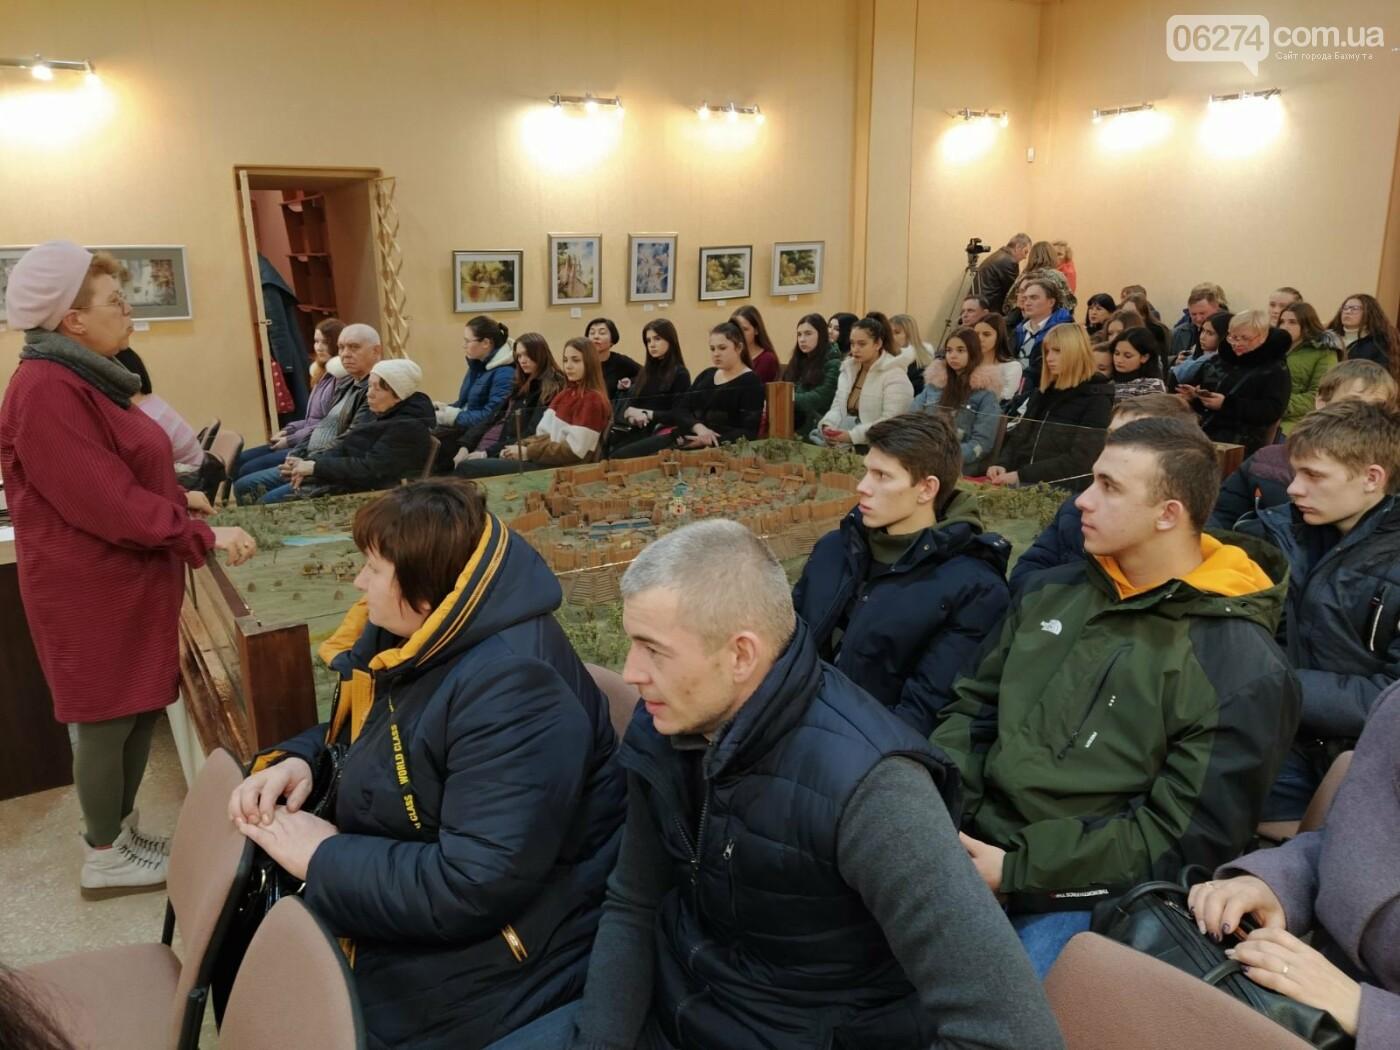 В Бахмуте отметили пятую годовщину вывода сил АТО из Дебальцево, фото-1